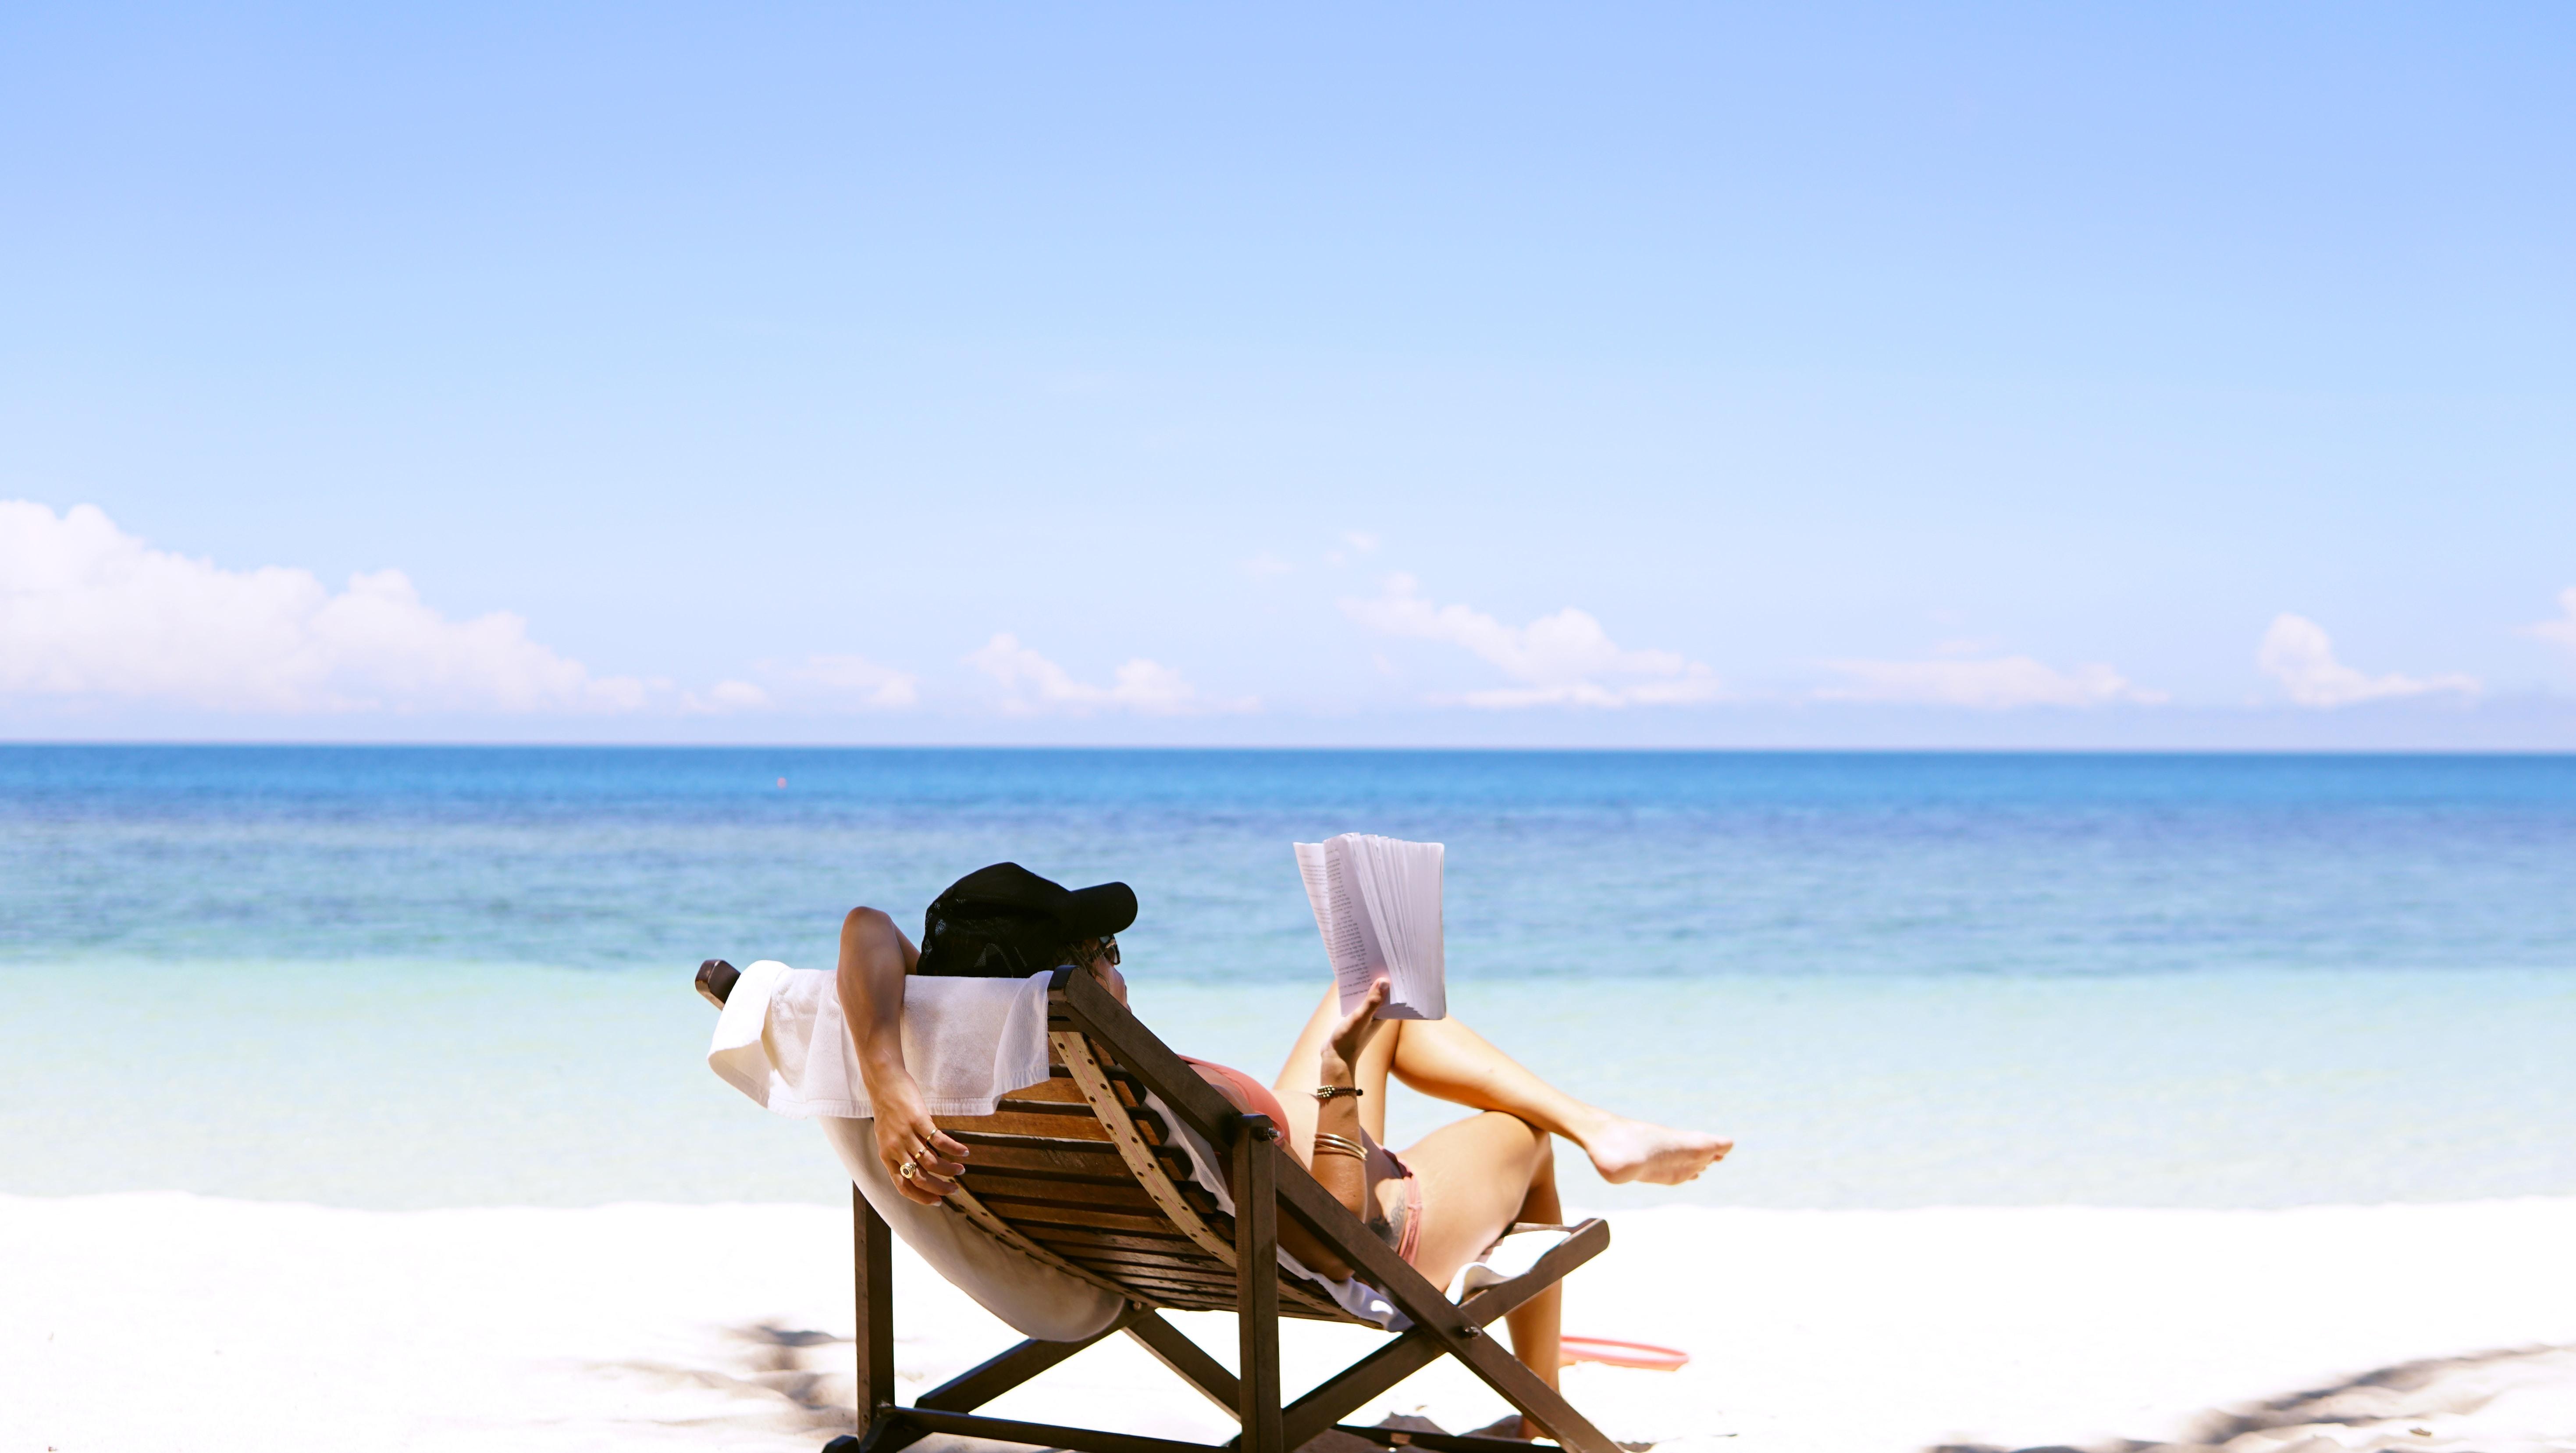 chen zo jL6PTWI7h18 unsplash - Faites le plein d'énergie en vacances